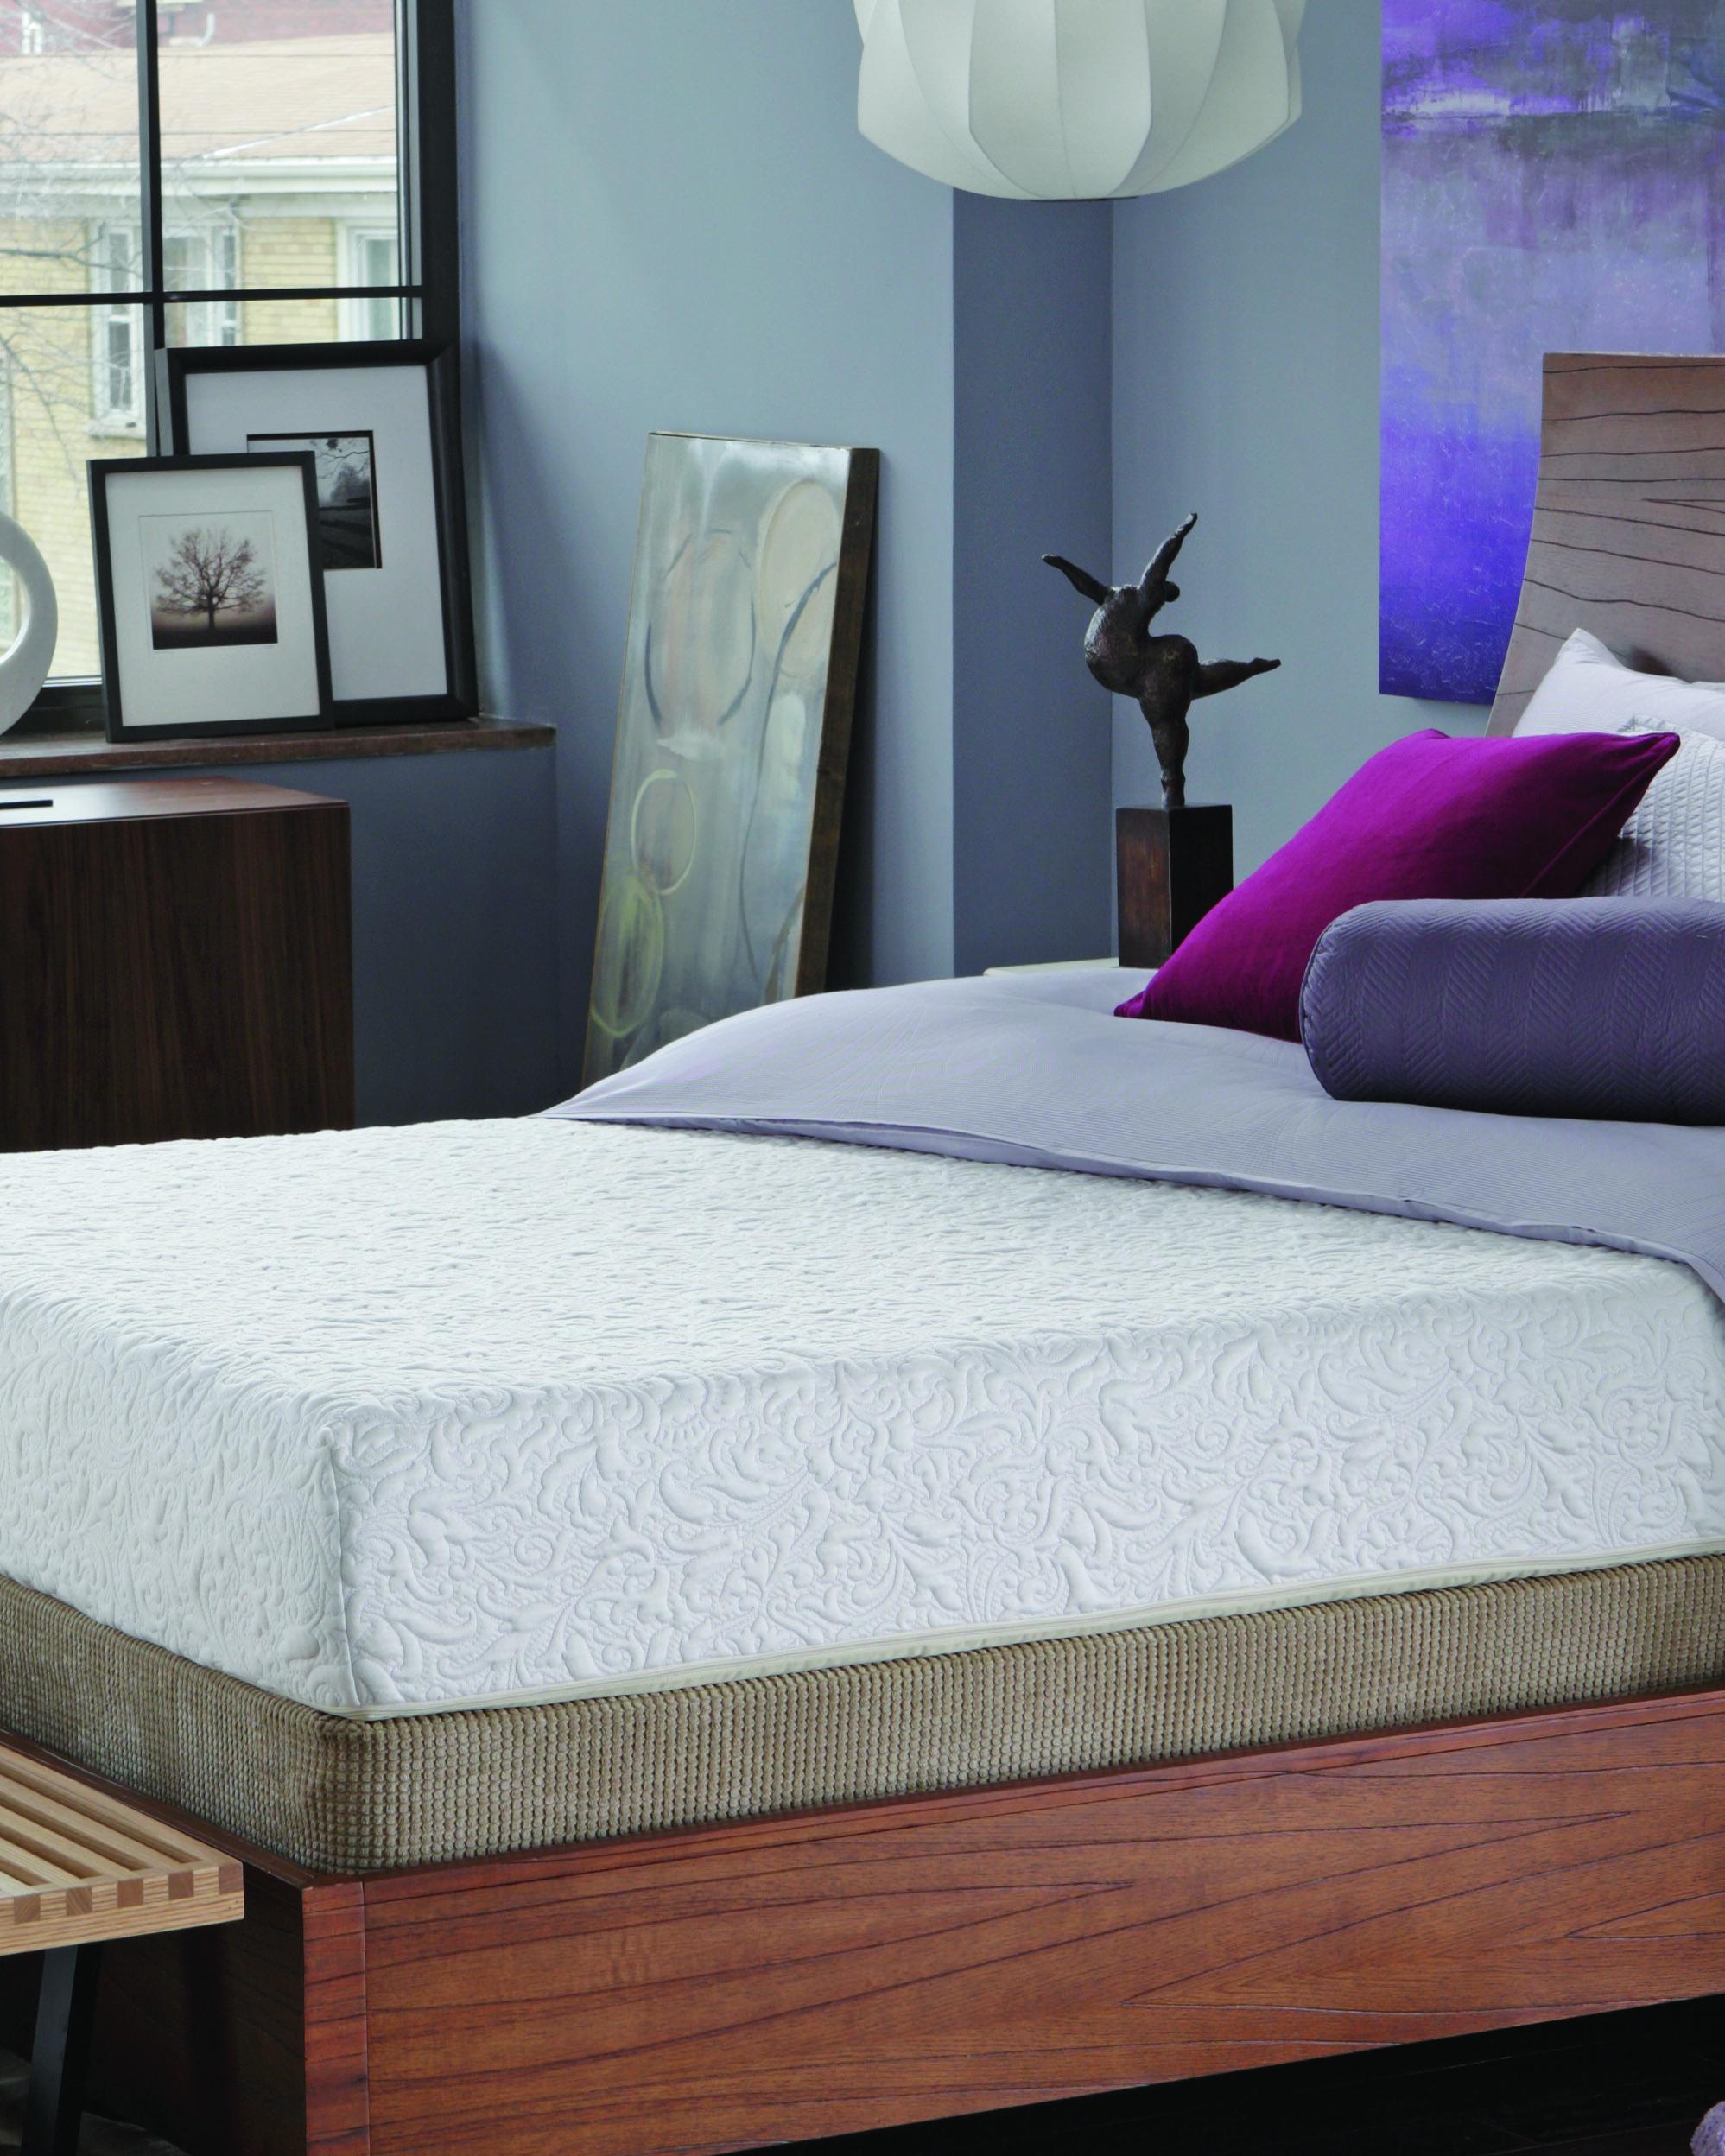 Corsicana Memory Foam Mattress Serta iComfort Prodigy - Mattress Reviews - GoodBed.com